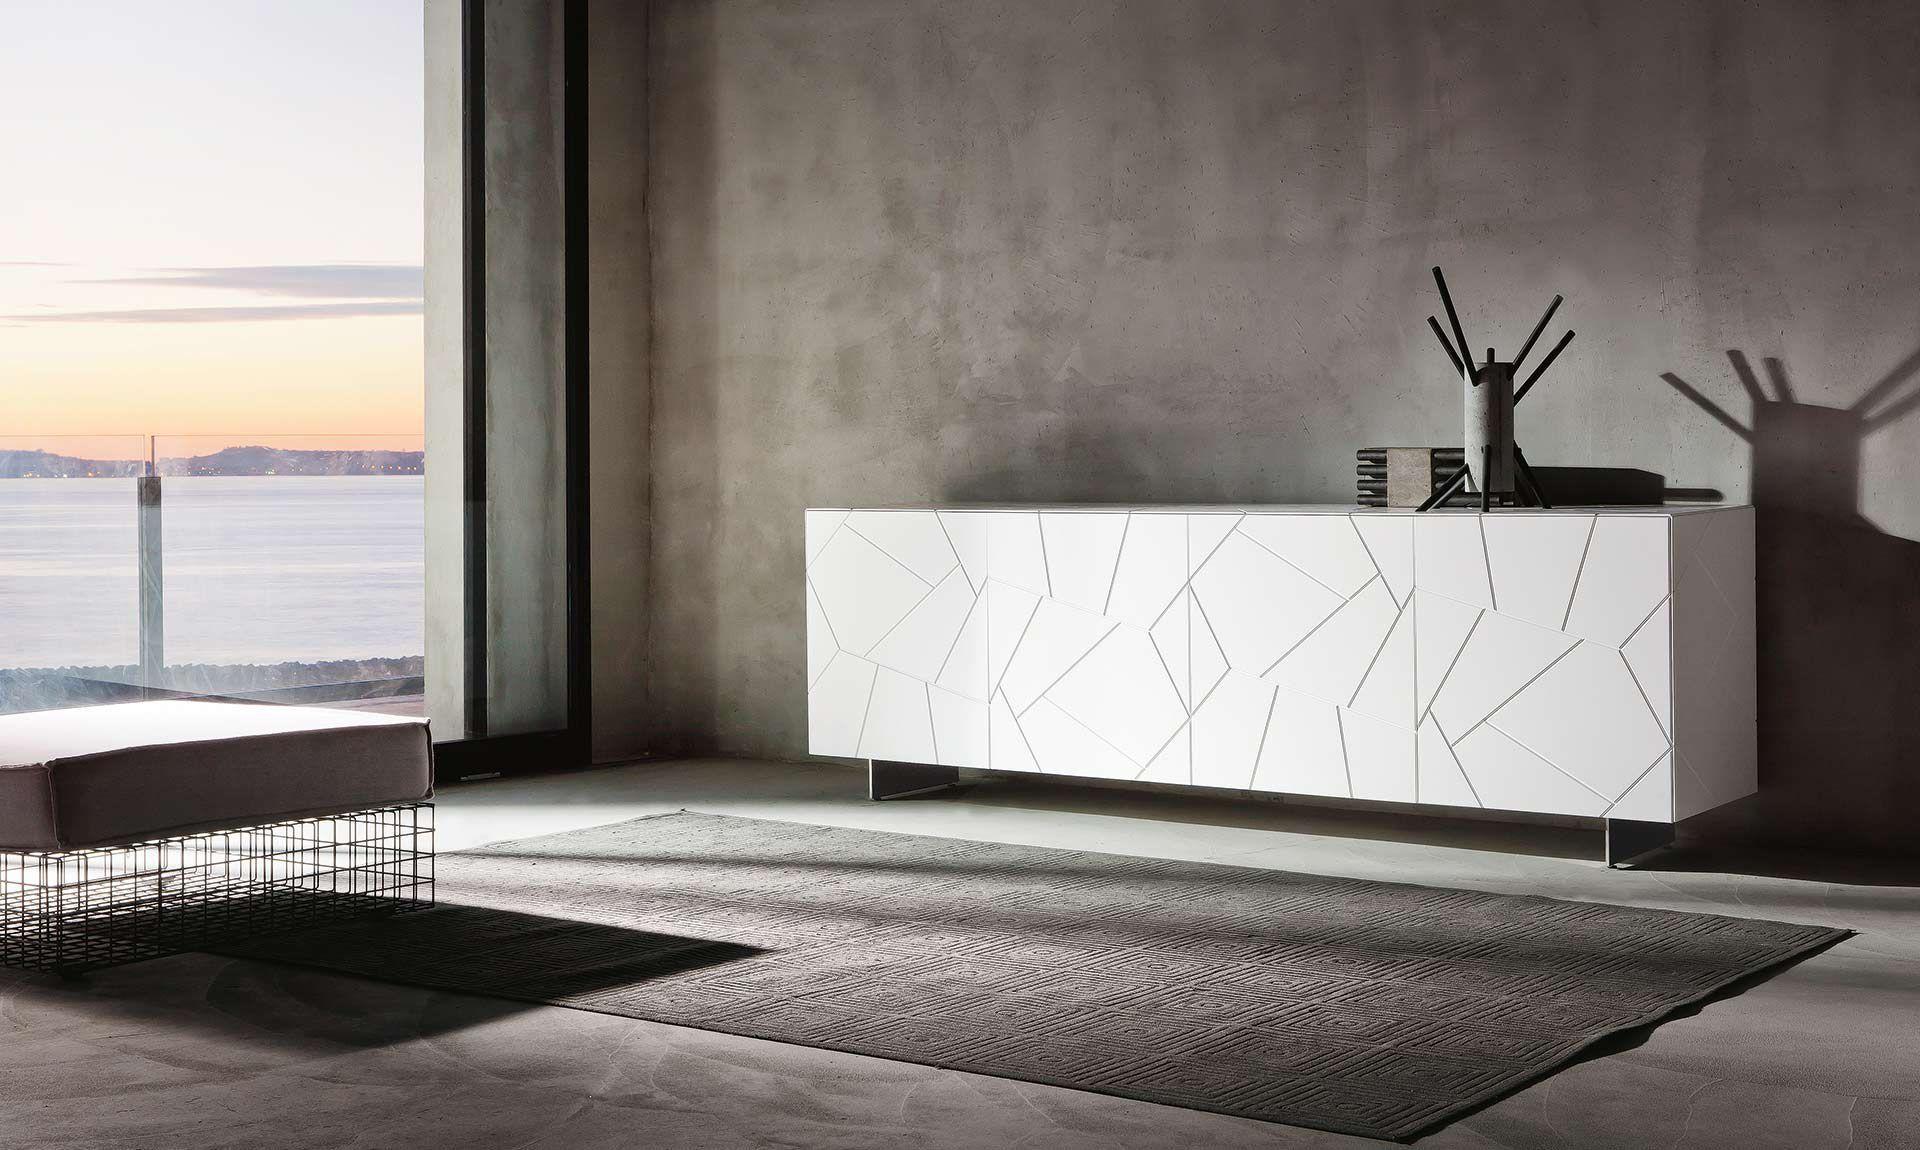 Credenza Moderna Sottile : Credenza moderna in legno laccato bianca segno riflessi